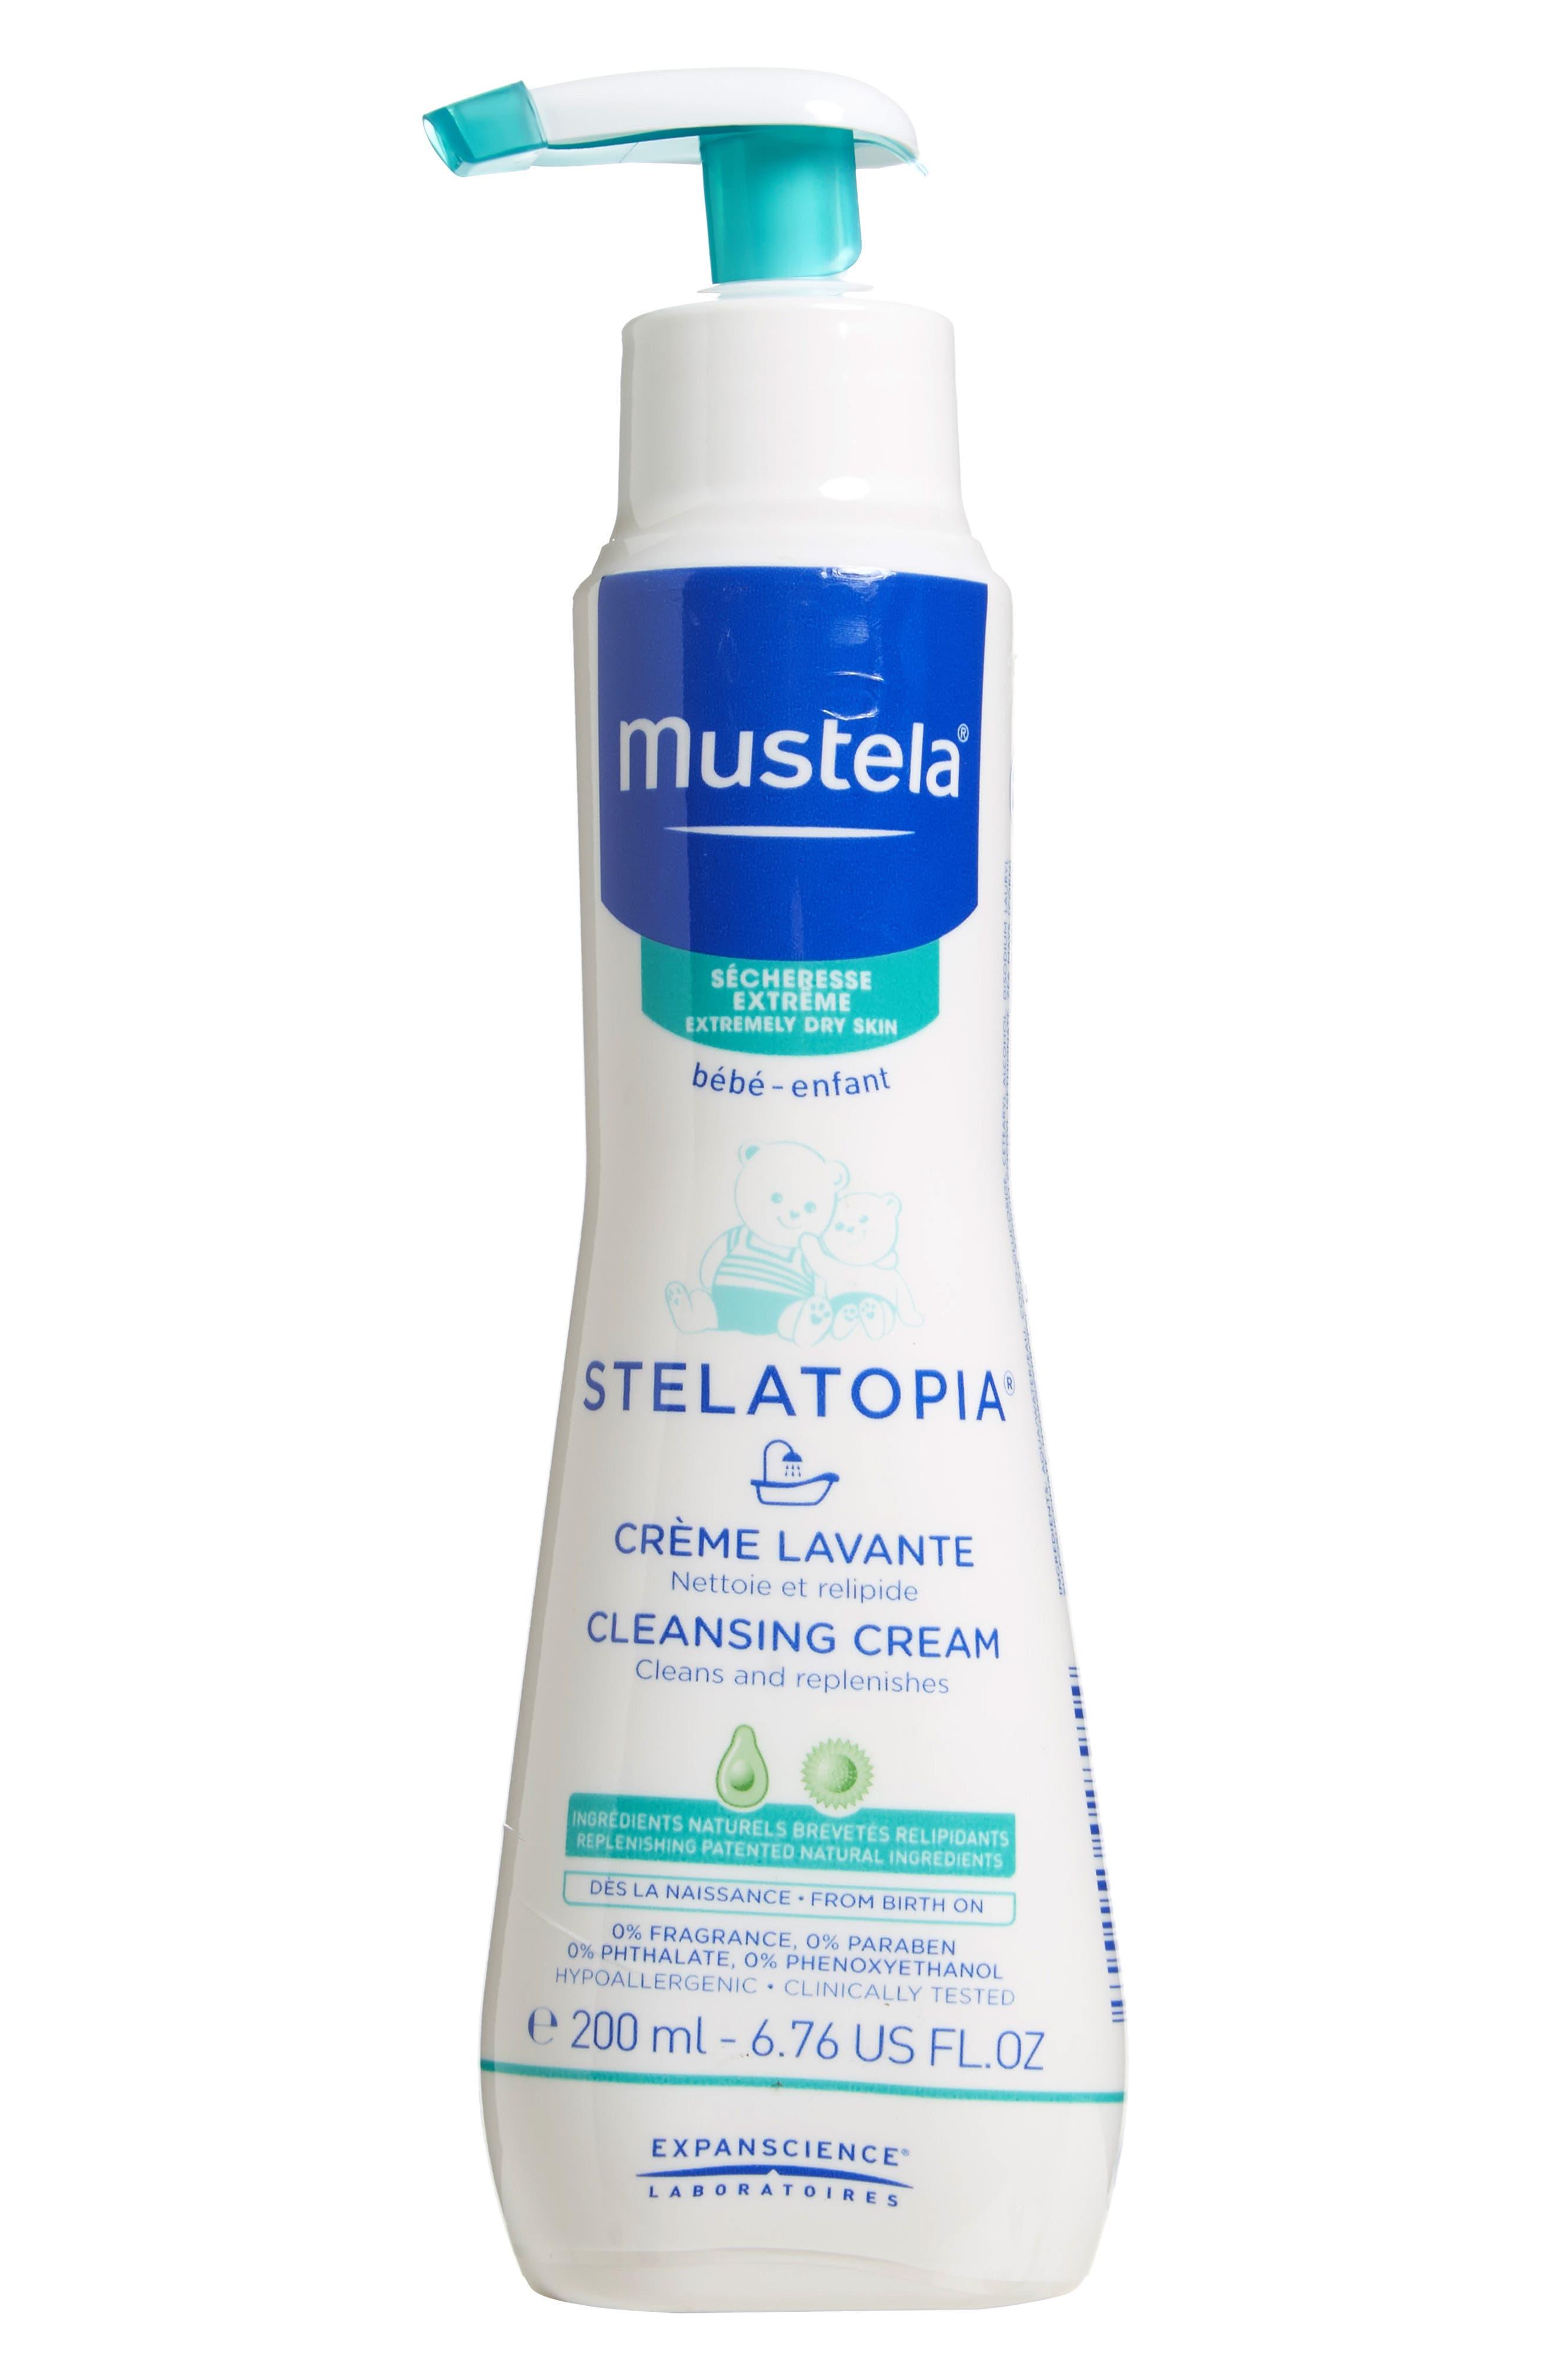 Mustela® Stelatopia Cleansing Cream